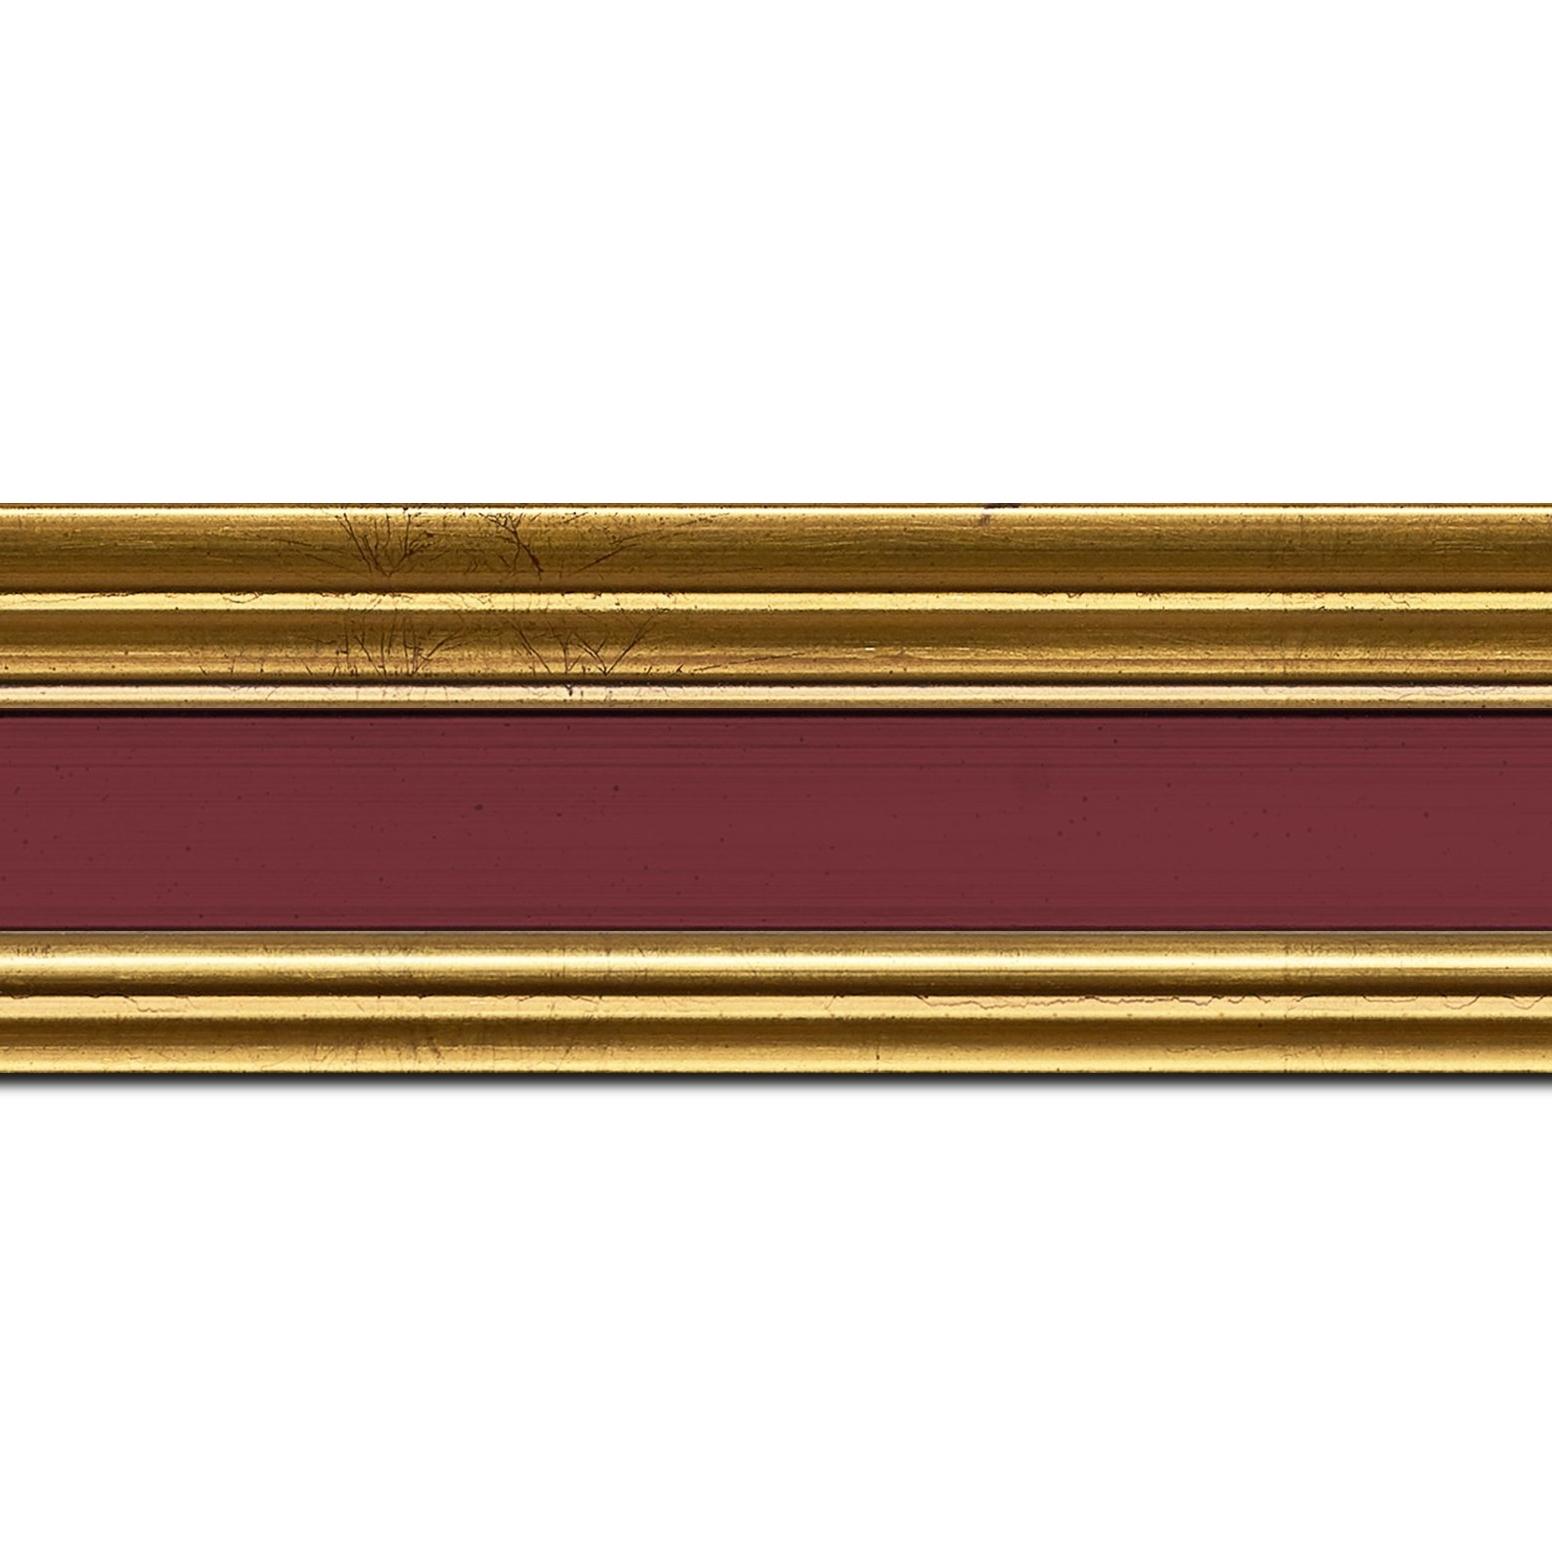 Pack par 12m, bois profil braque largeur 5.2cm or patiné gorge bordeaux antique (longueur baguette pouvant varier entre 2.40m et 3m selon arrivage des bois)